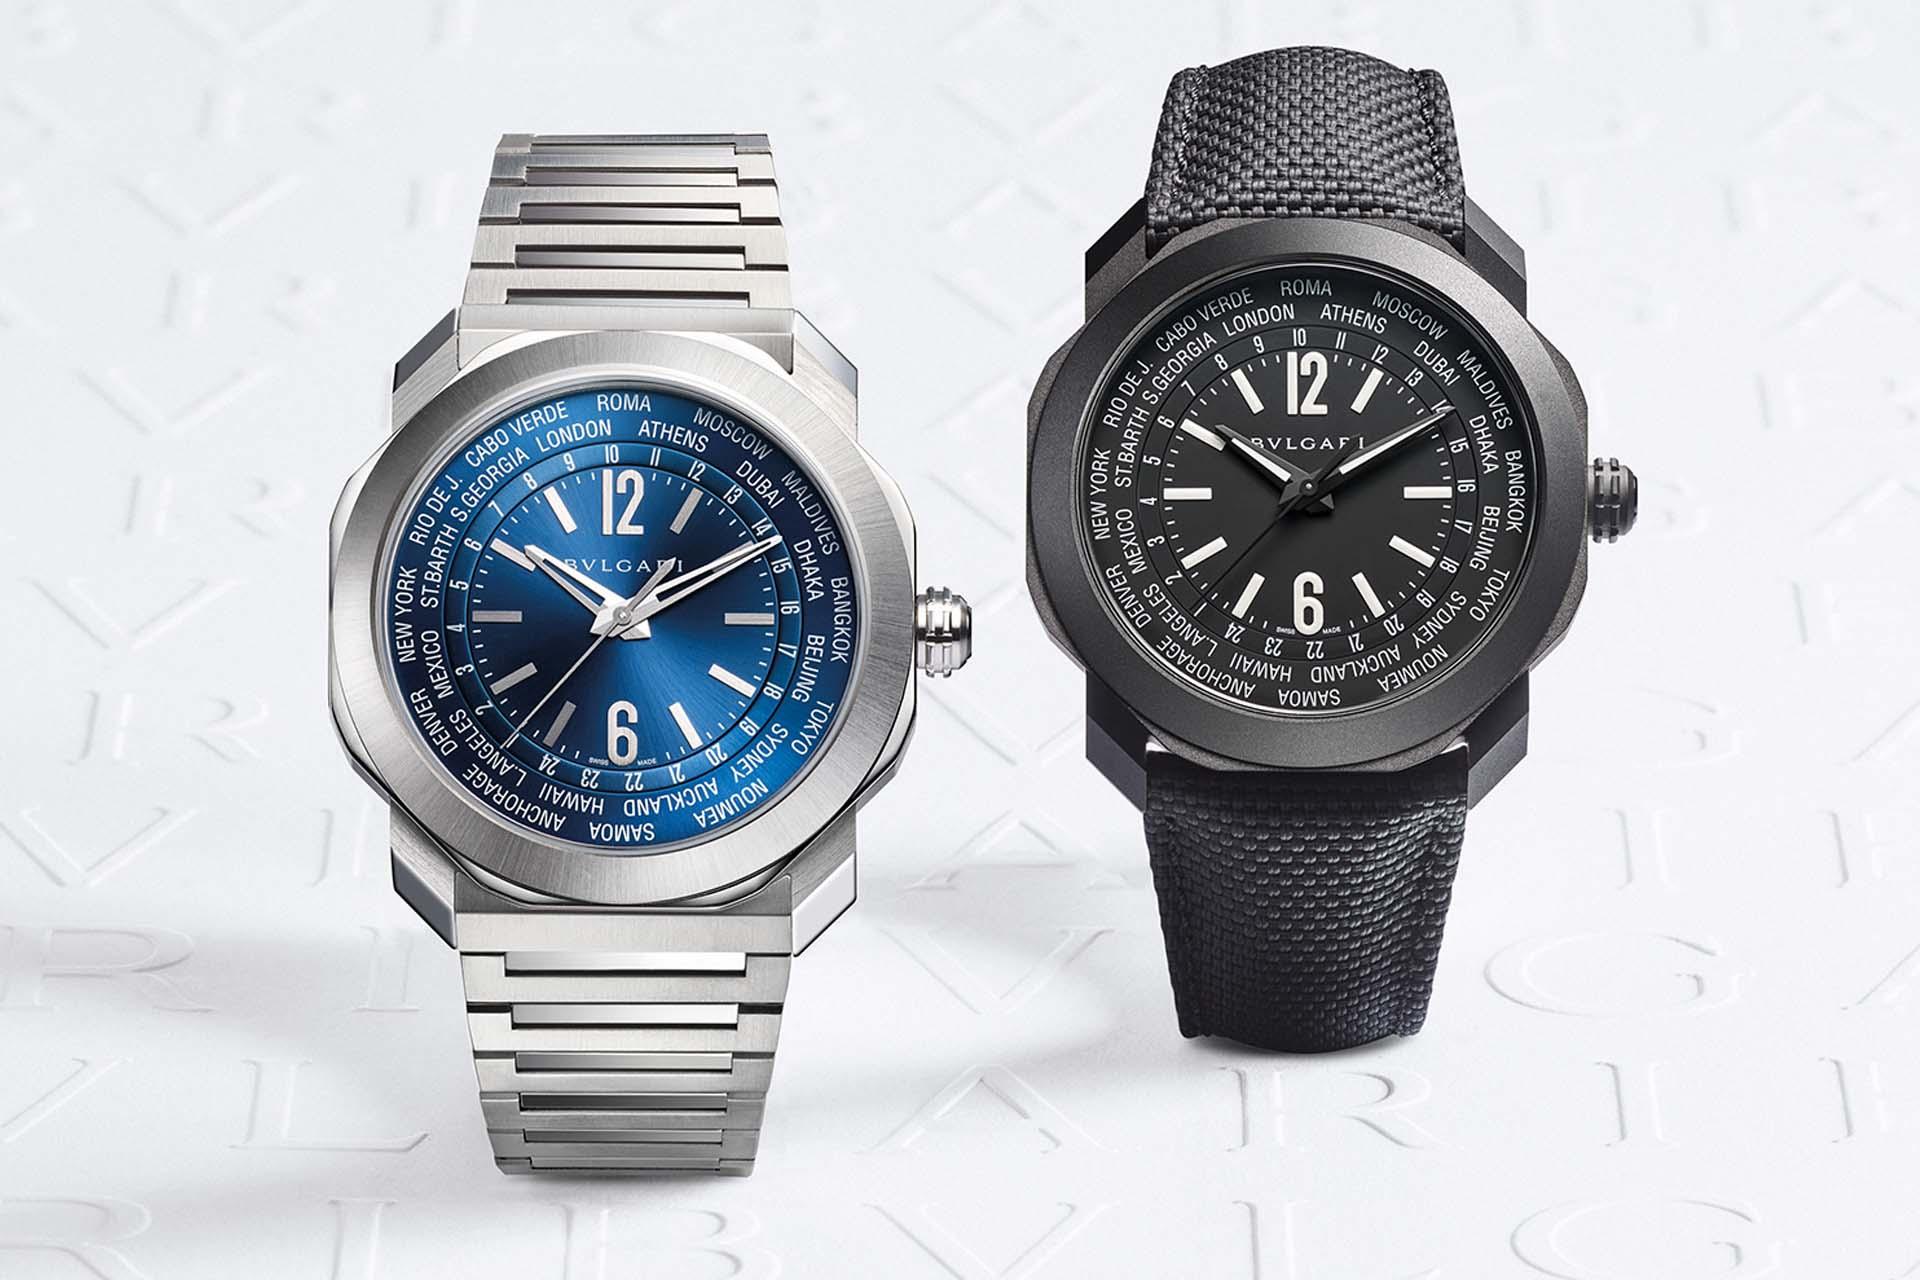 與寶格麗同行:Octo Roma WorldTimer世界時區腕錶